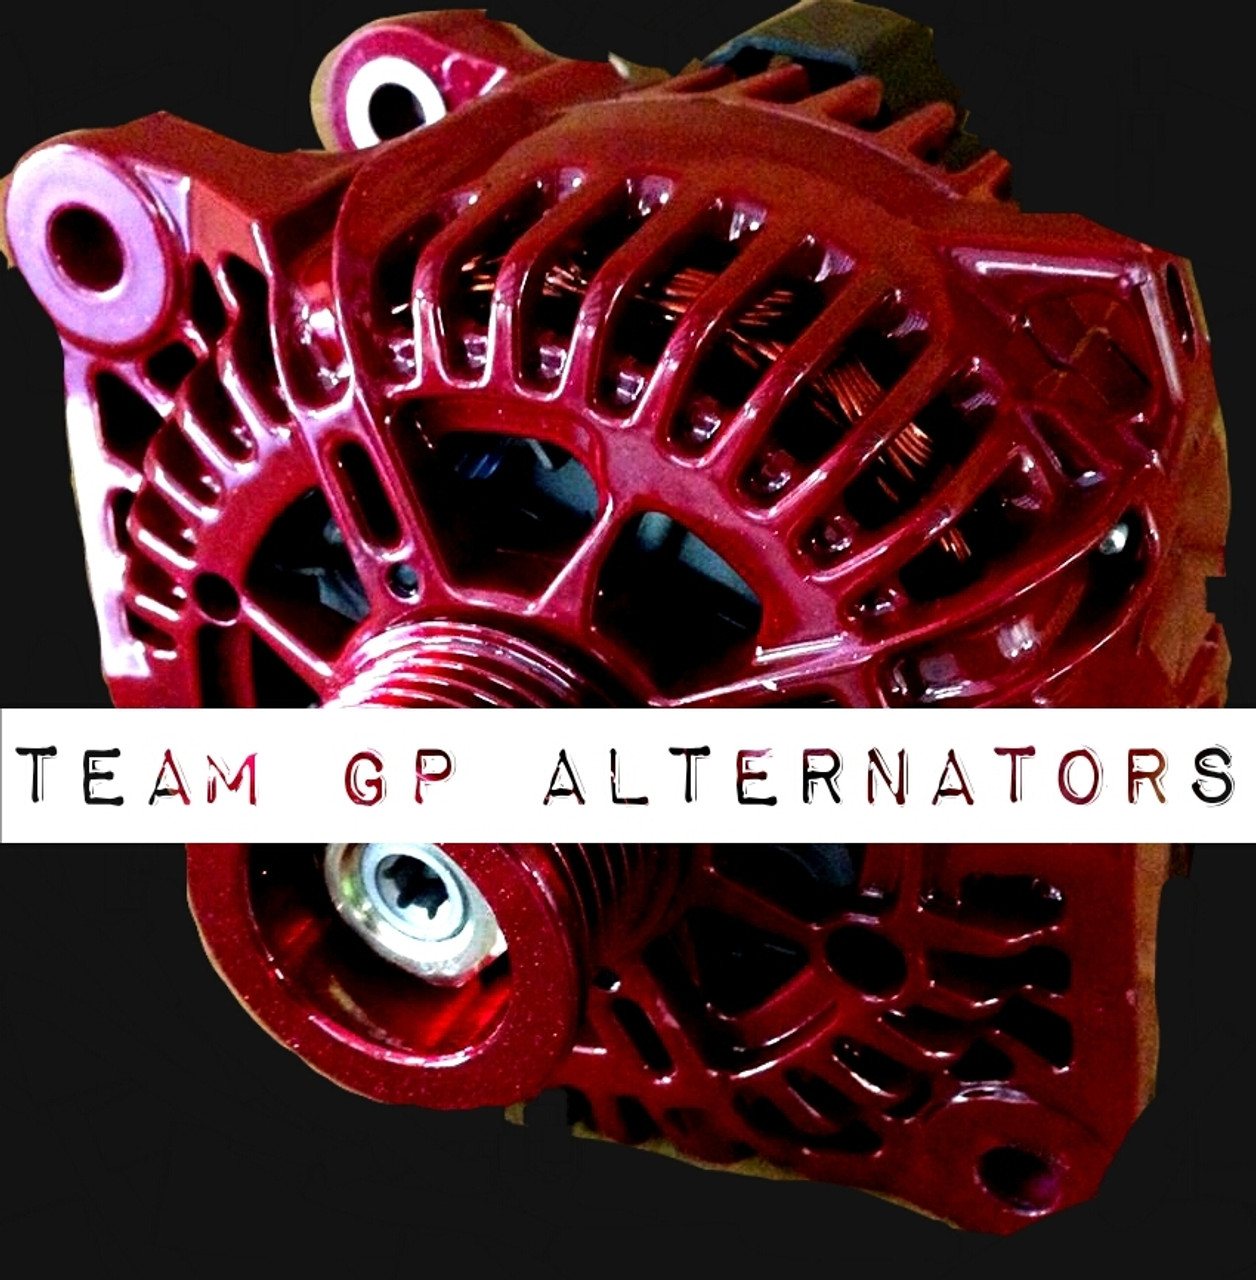 HONDA CIVIC 1.7L -2001-2004- 160AMP TEAM GP Alternator